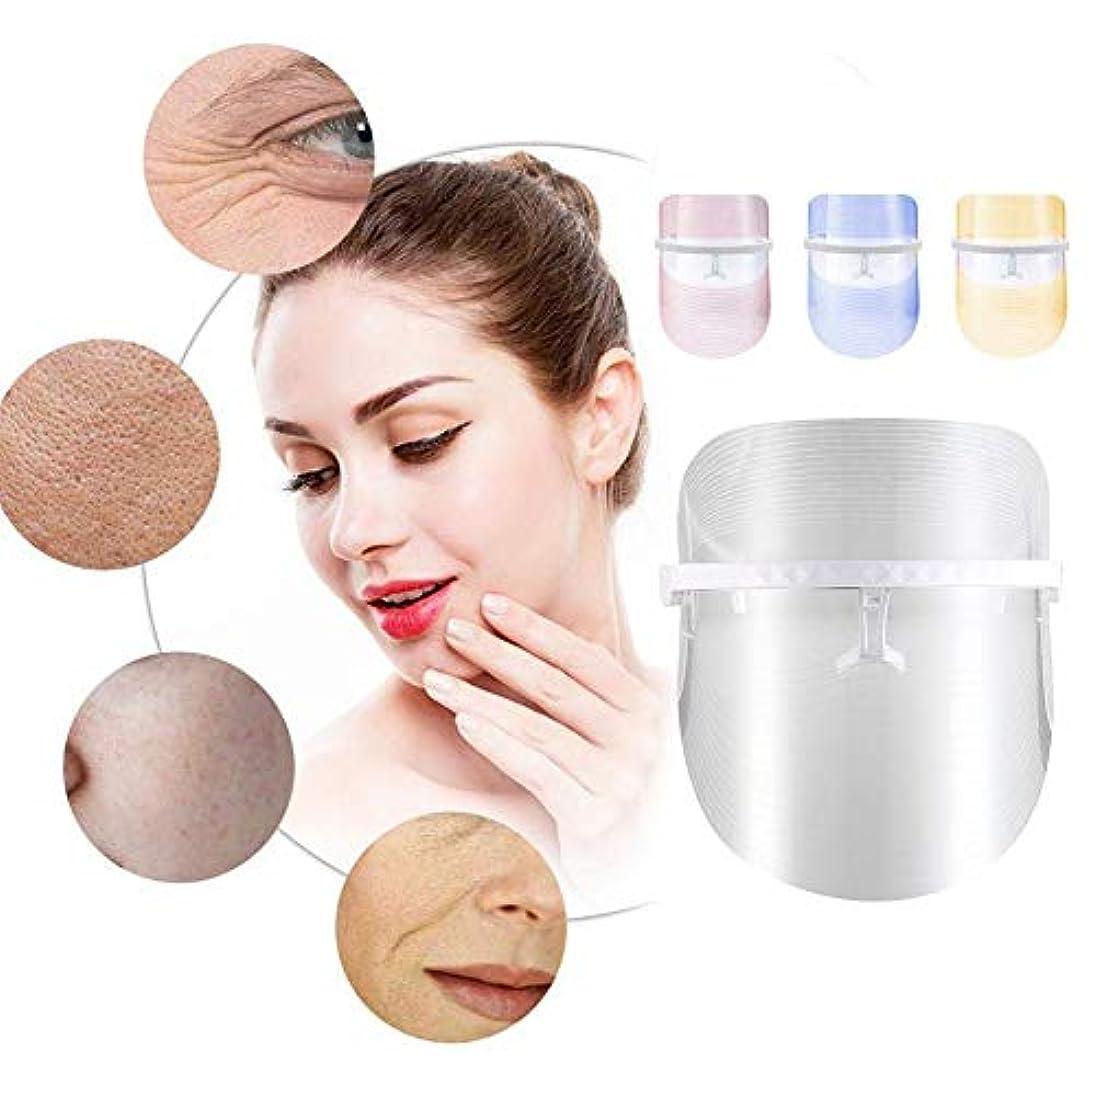 誘発する服以来3色LEDフェイシャルマスク美容器具光線療法赤青とオレンジの光の収縮孔は顔ケアツールを若返らせる